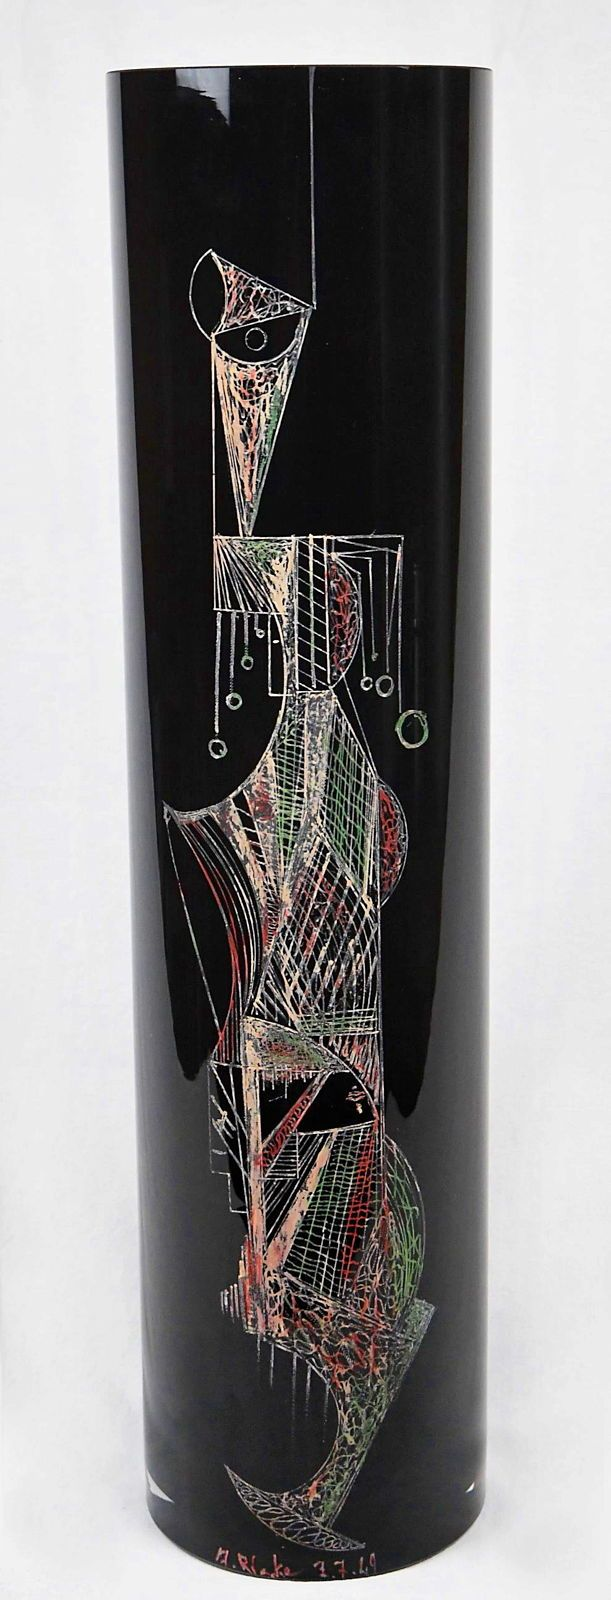 Grand vase rouleau en verre coloré noir, de A. Riecke XXème